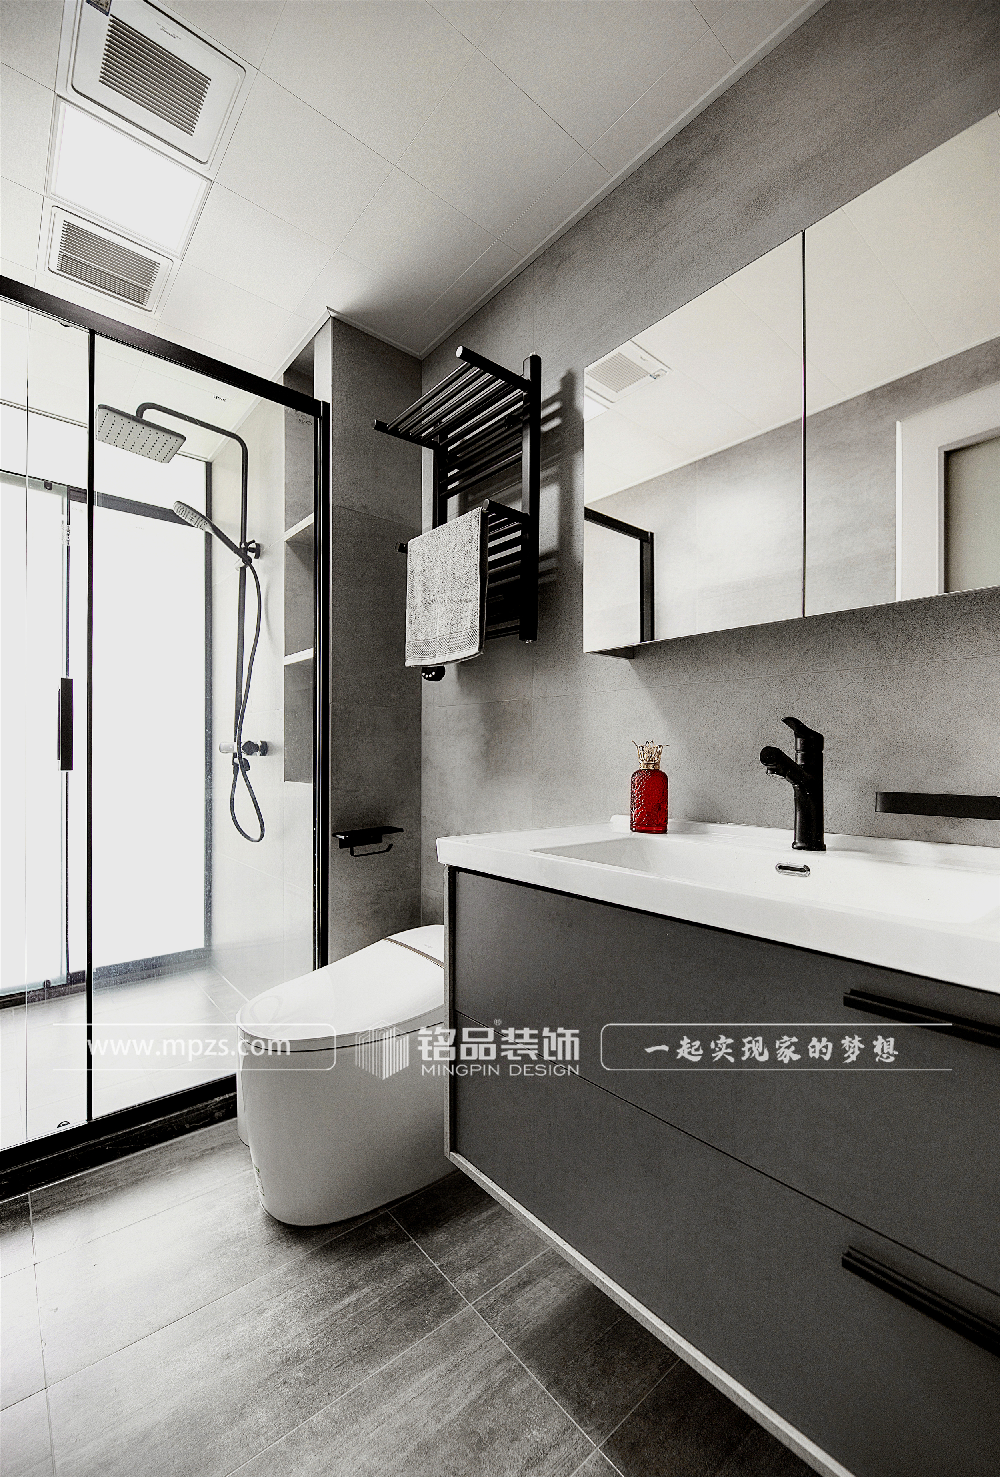 杭州120平方米简约风格公寓装修案例_效果图